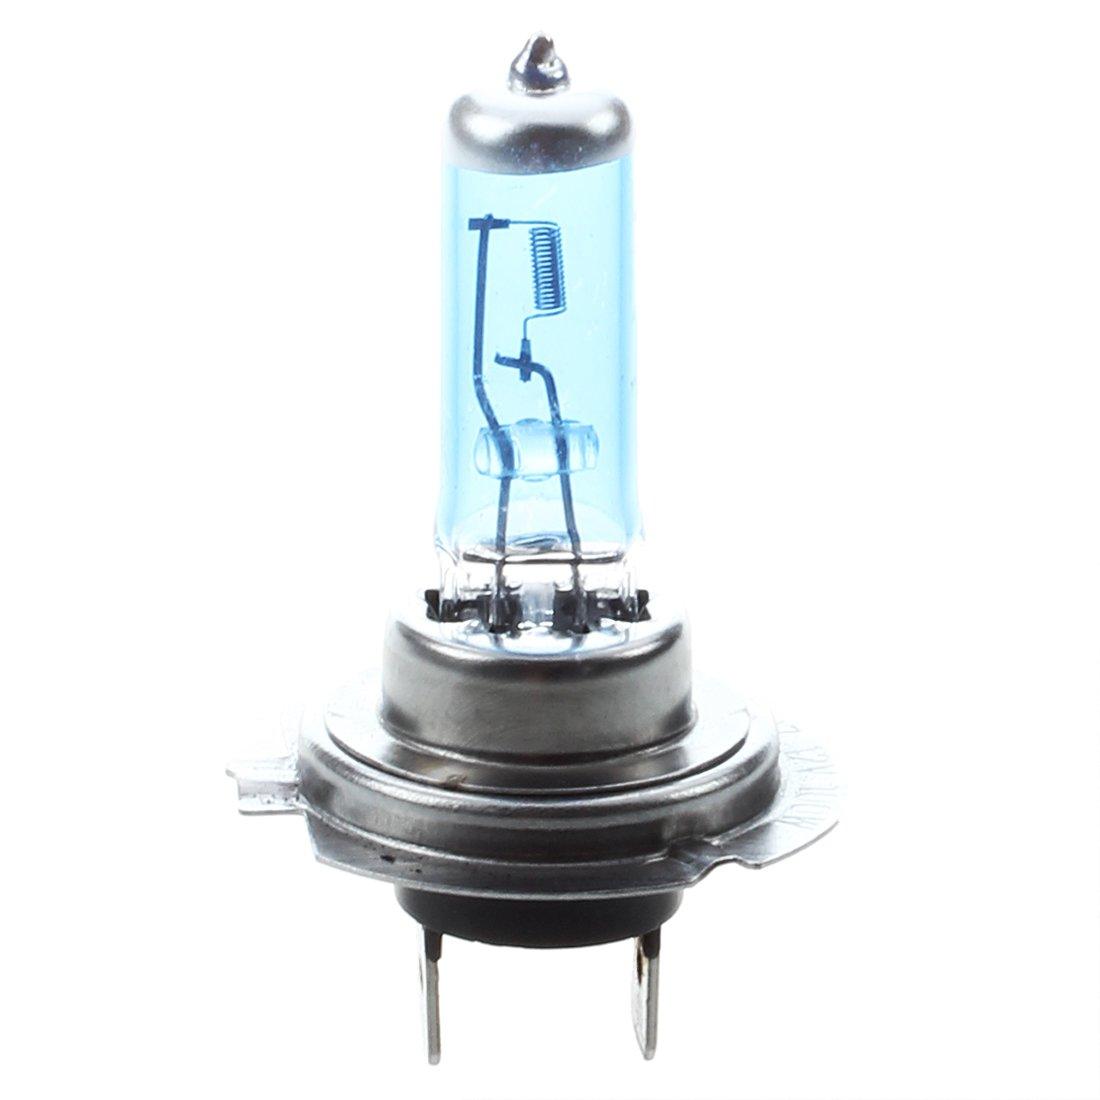 SODIAL(R) 2 LAMPADE LAMPADINE XENON ALOGENO H7 6000K 100 WATT BIANCO 026328